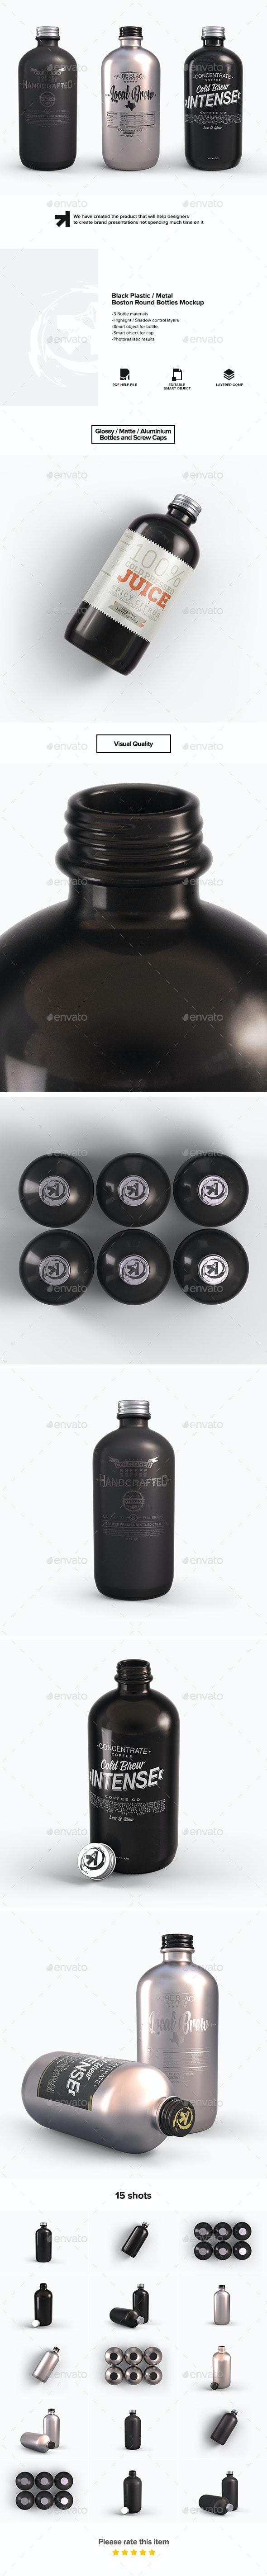 Plastic Metal Boston Round Bottles Mockup - Food and Drink Packaging